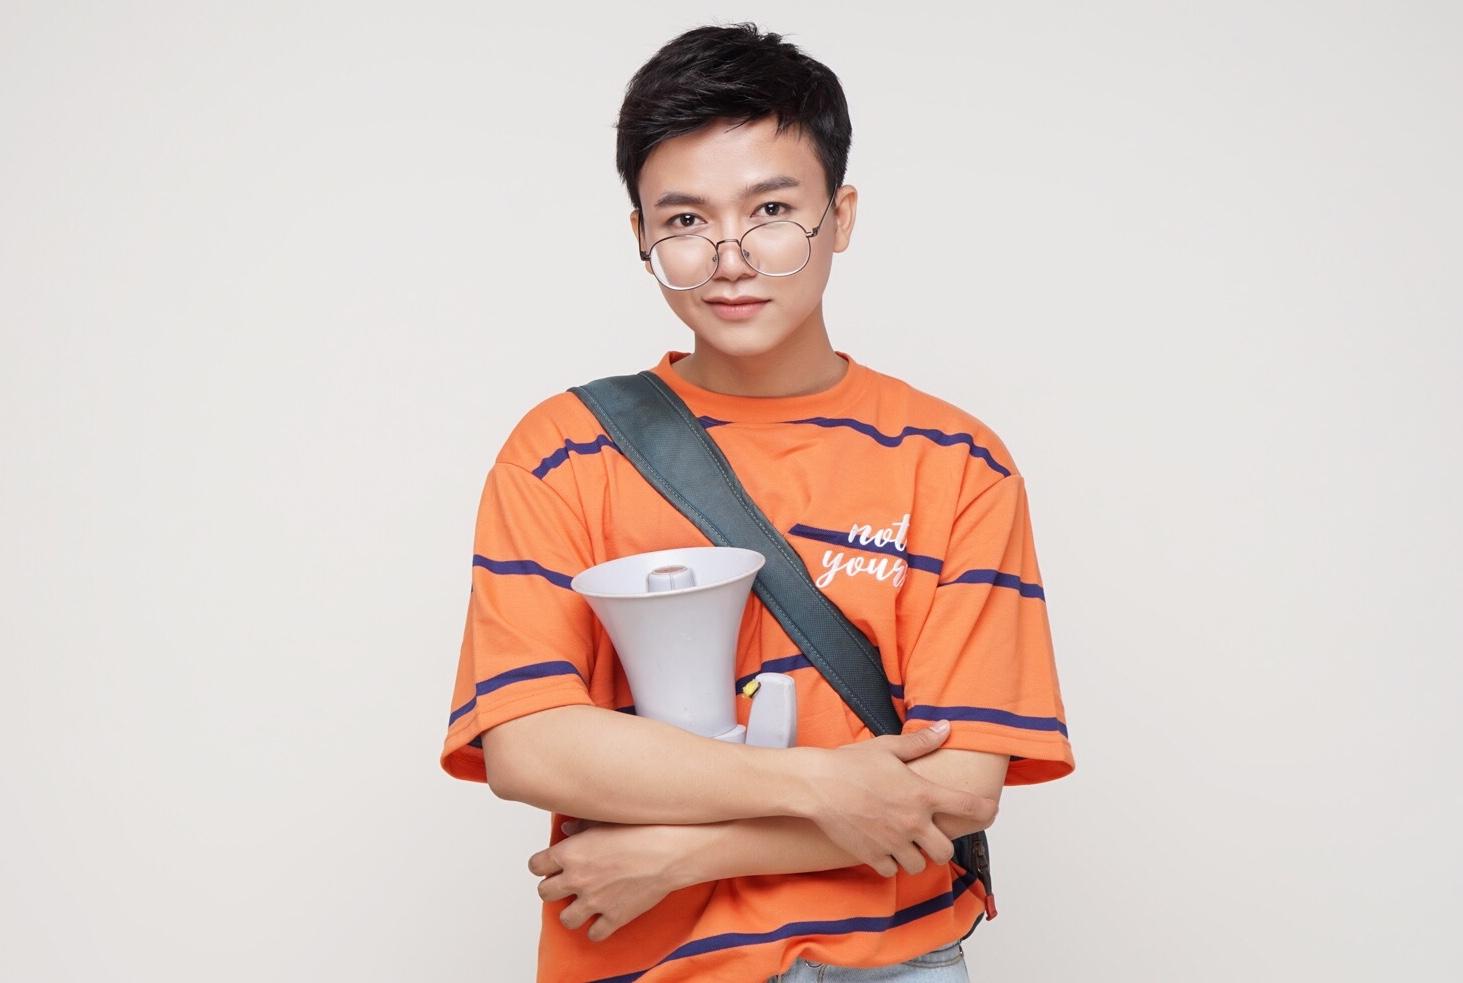 'Chí Phèo' Bùi Công Nam nói về vấn đề quấy rối tình dục trong showbiz: 'Tôi không muốn nổi tiếng theo cách đó' - Ảnh 3